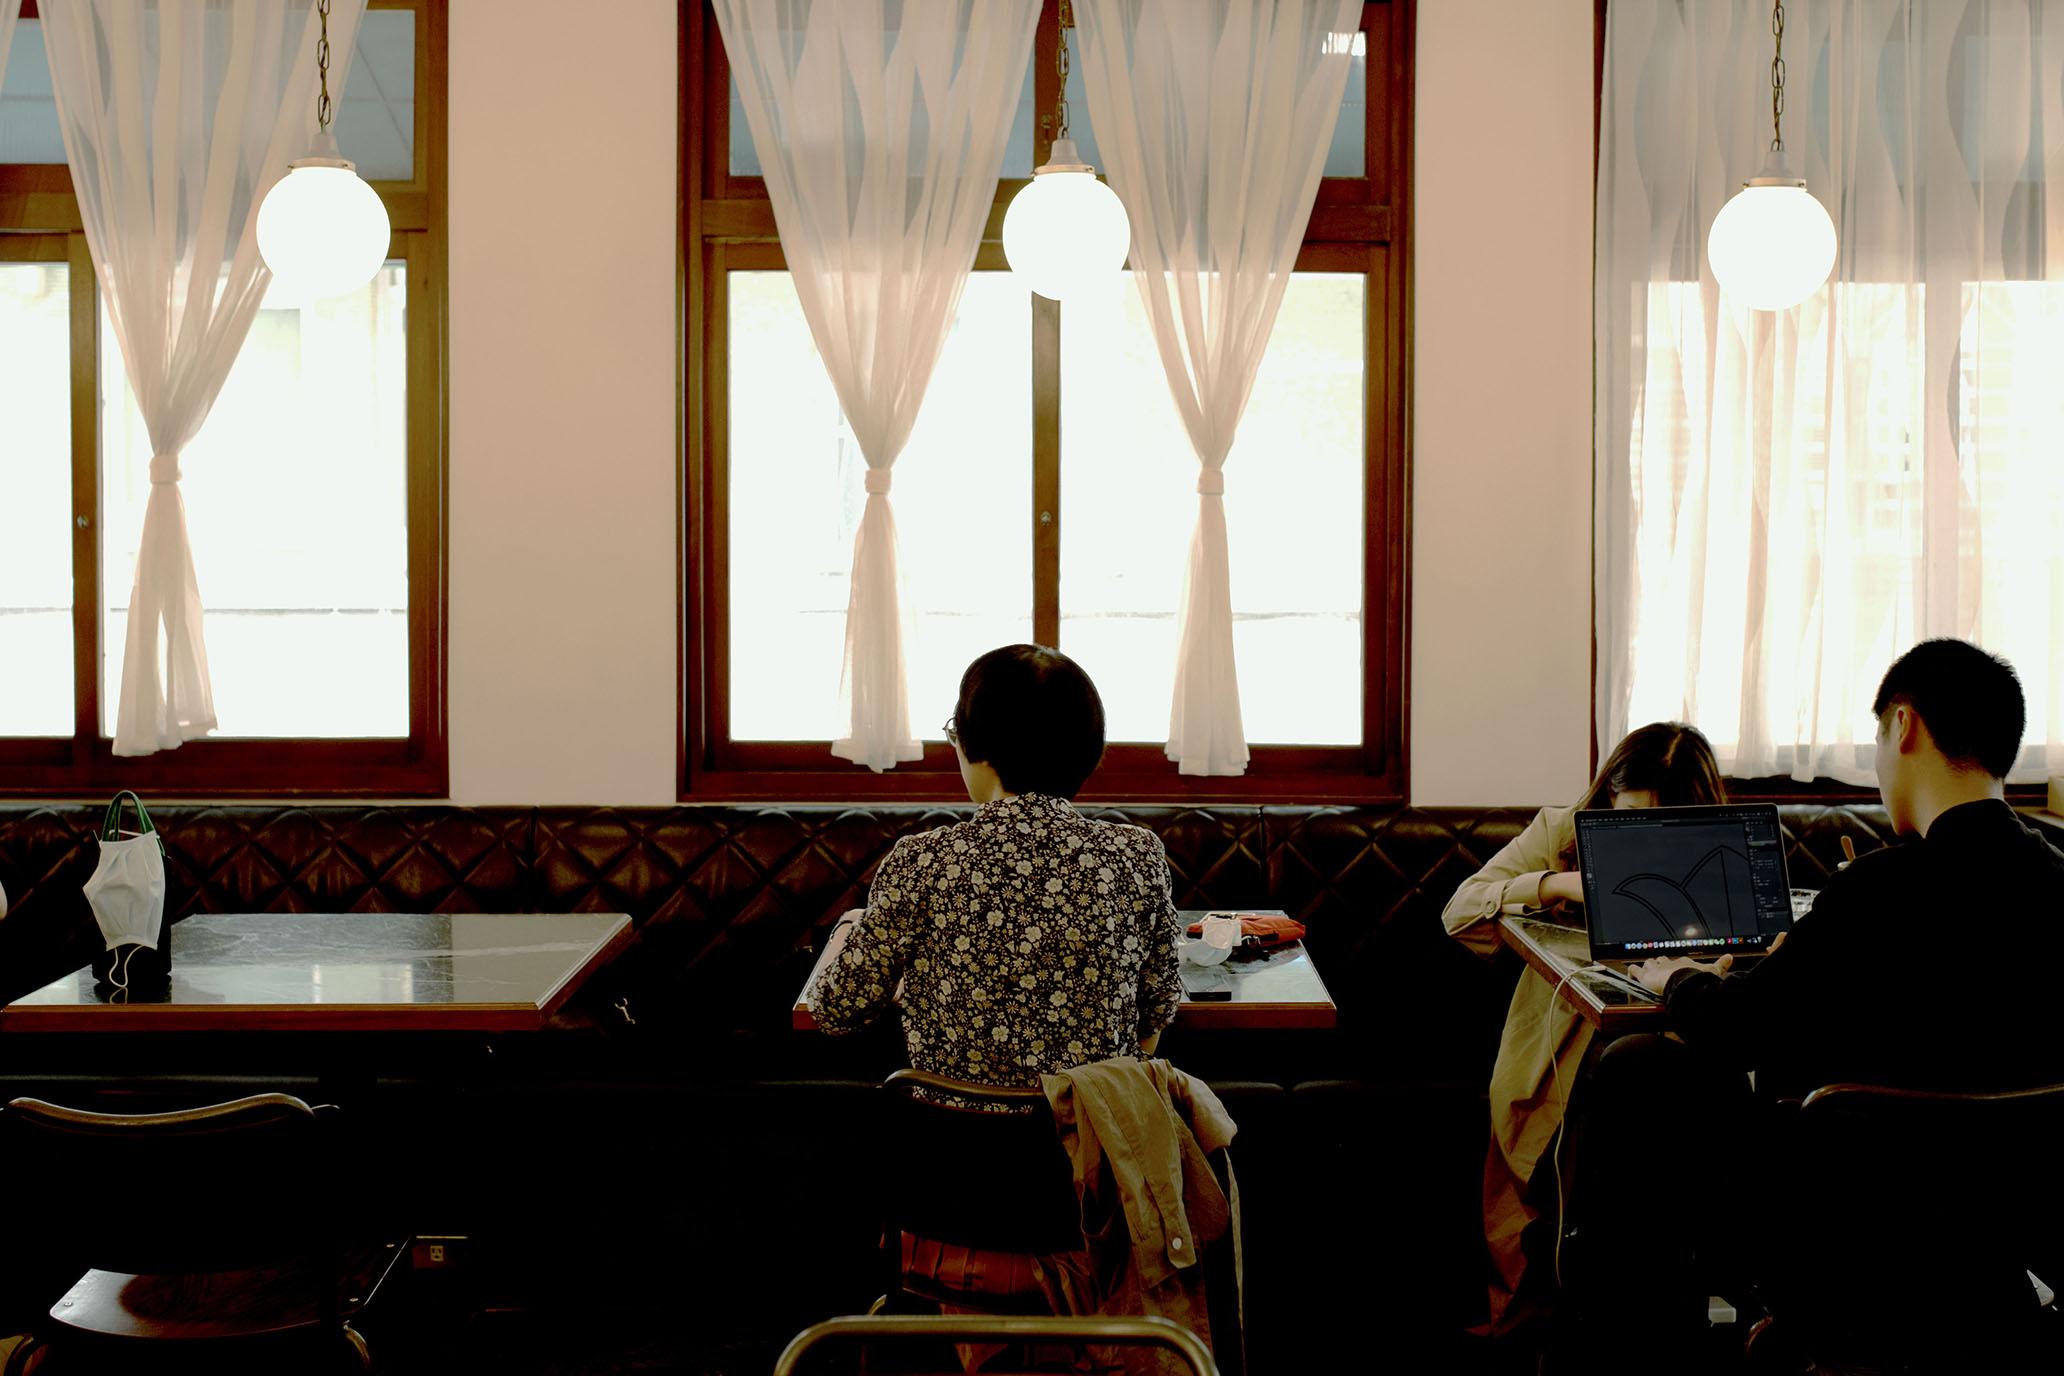 一起掉進昔日時光,在二樓復古摩登咖啡廳約會|台南 paripari apt. @MENS 30S LIFE